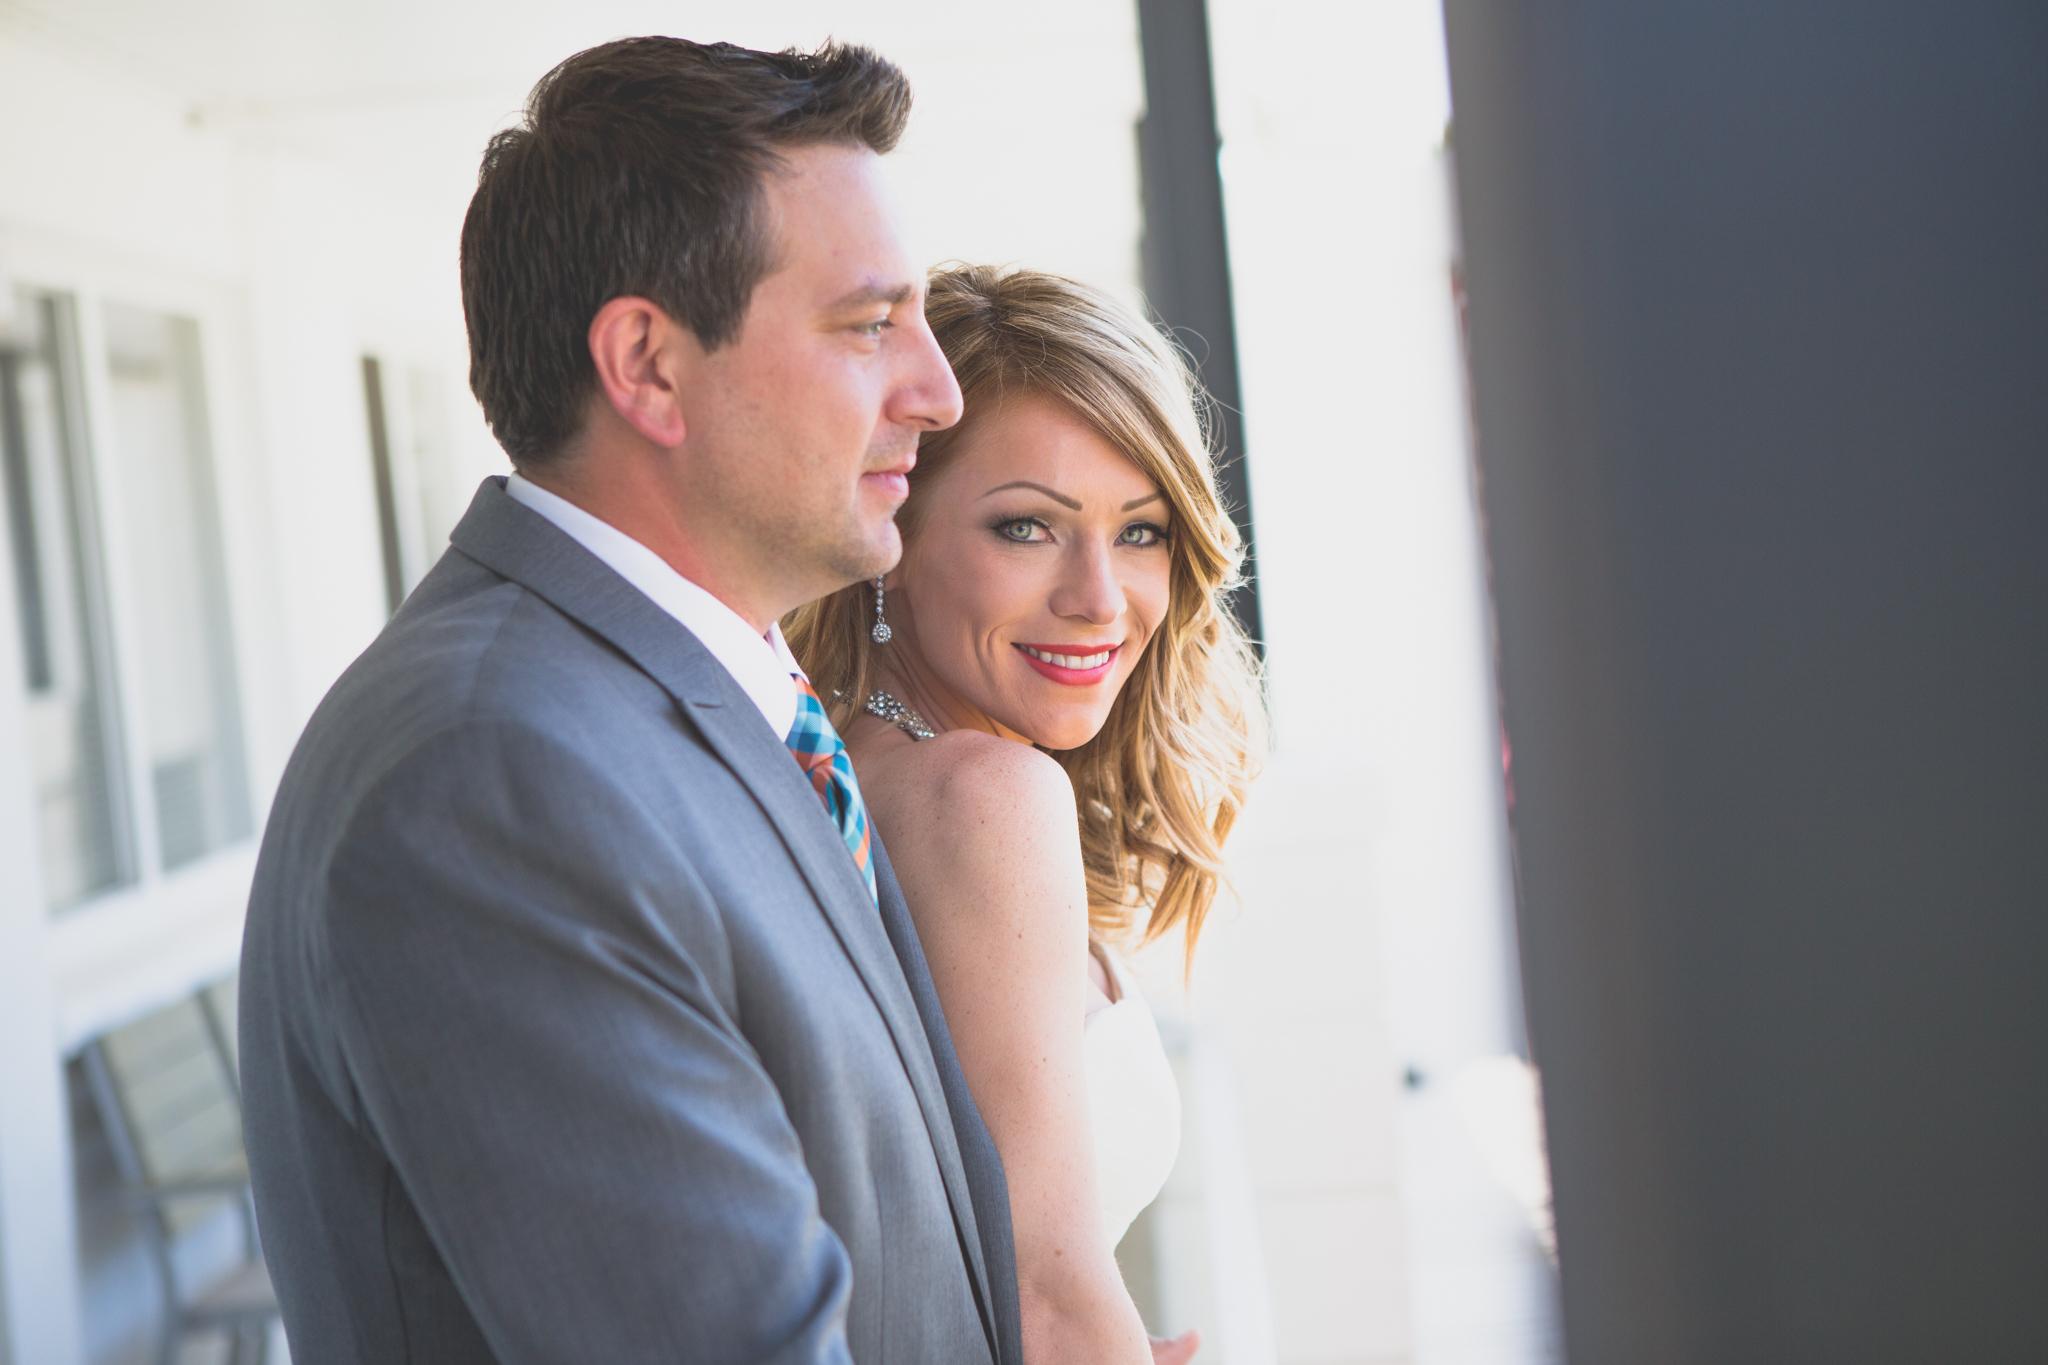 scottsdale-wedding-photographer-el-dorado-color-portrait-bride-look